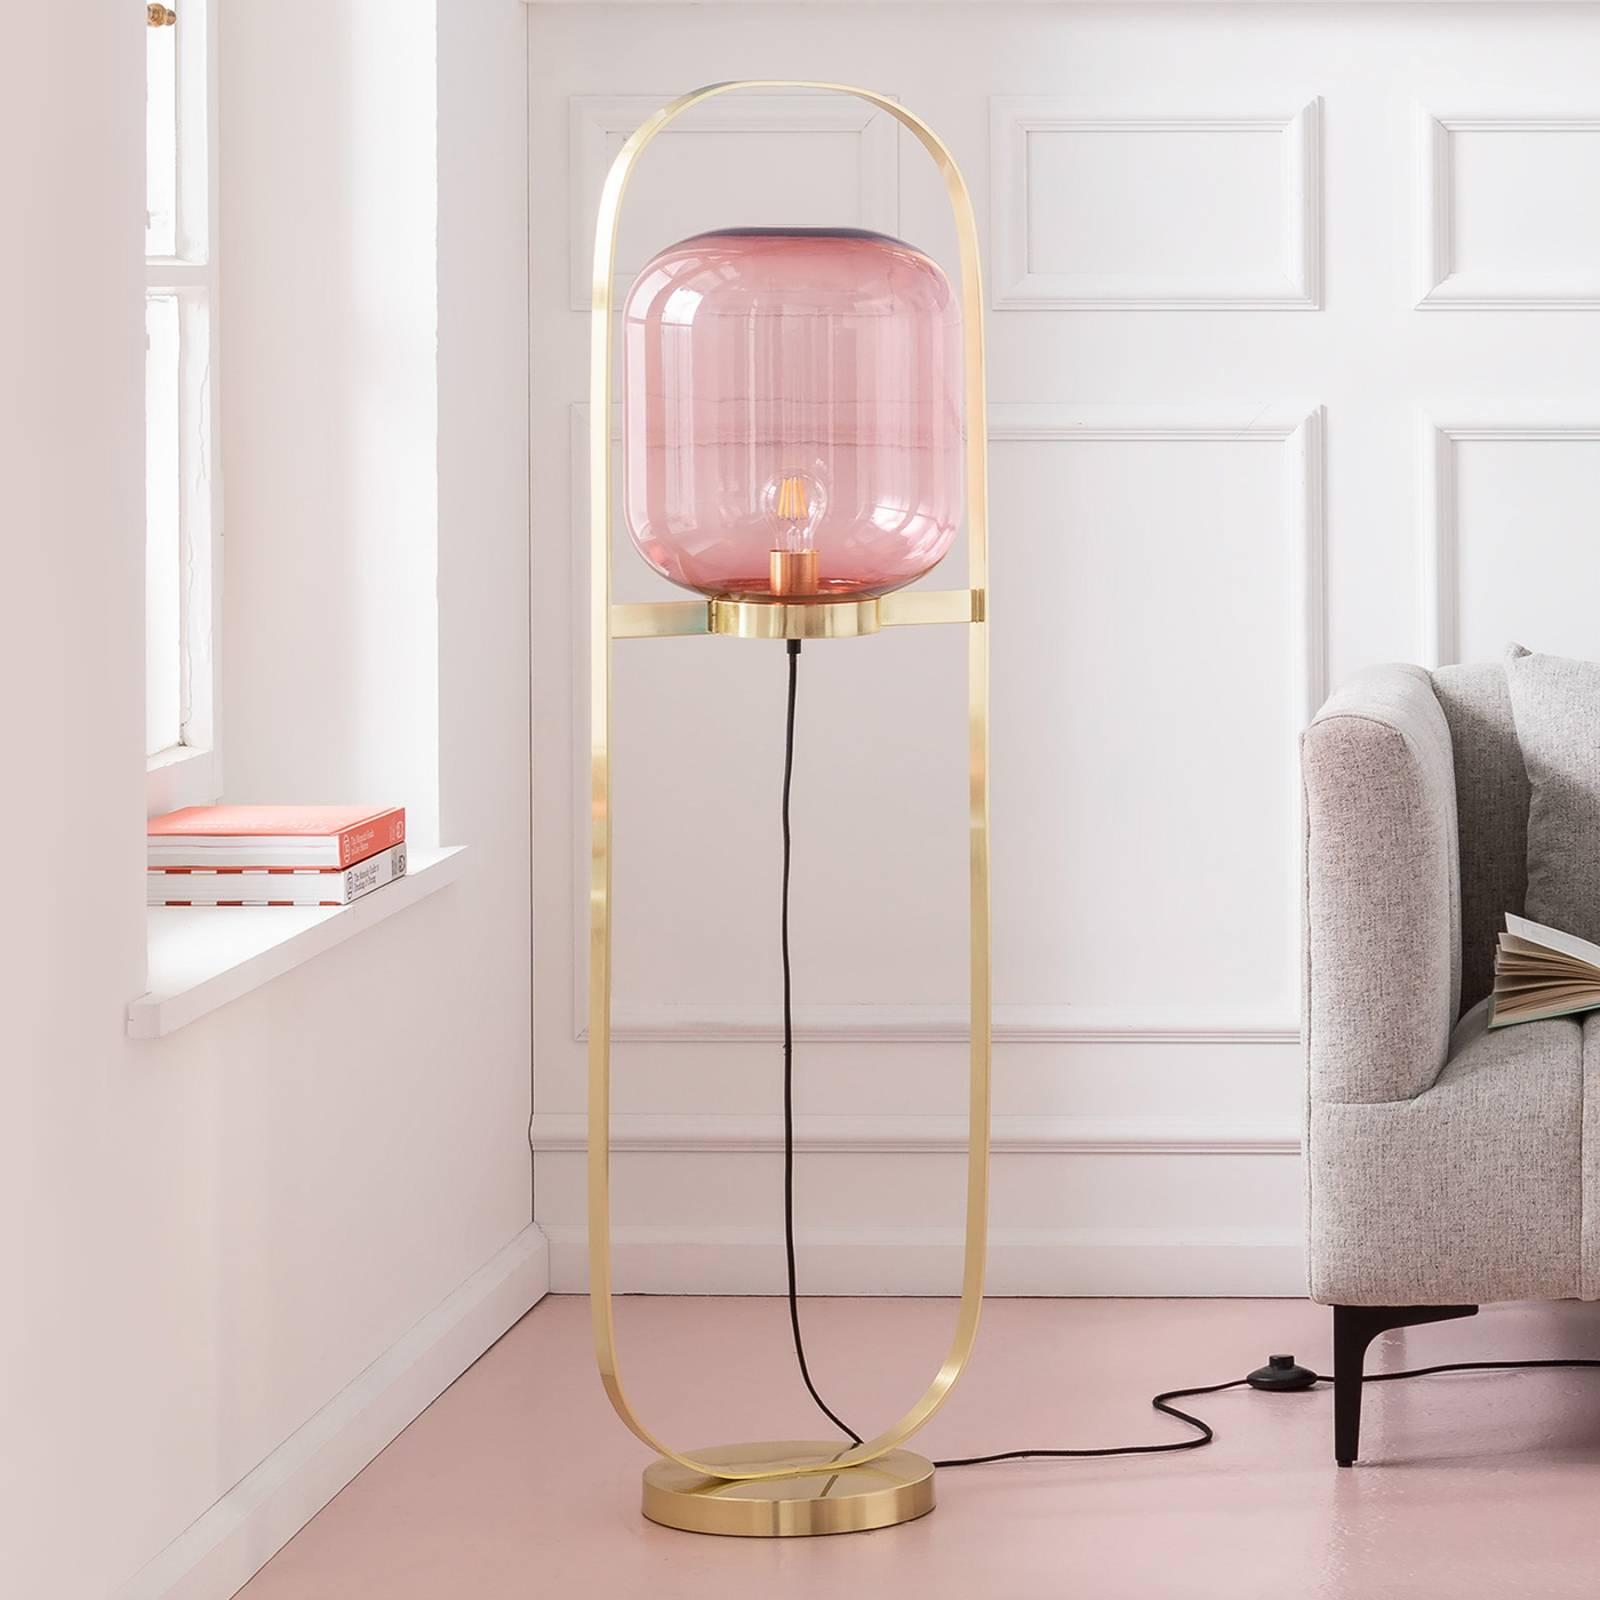 KARE Jowisz lampa stojąca, różowa-mosiądz